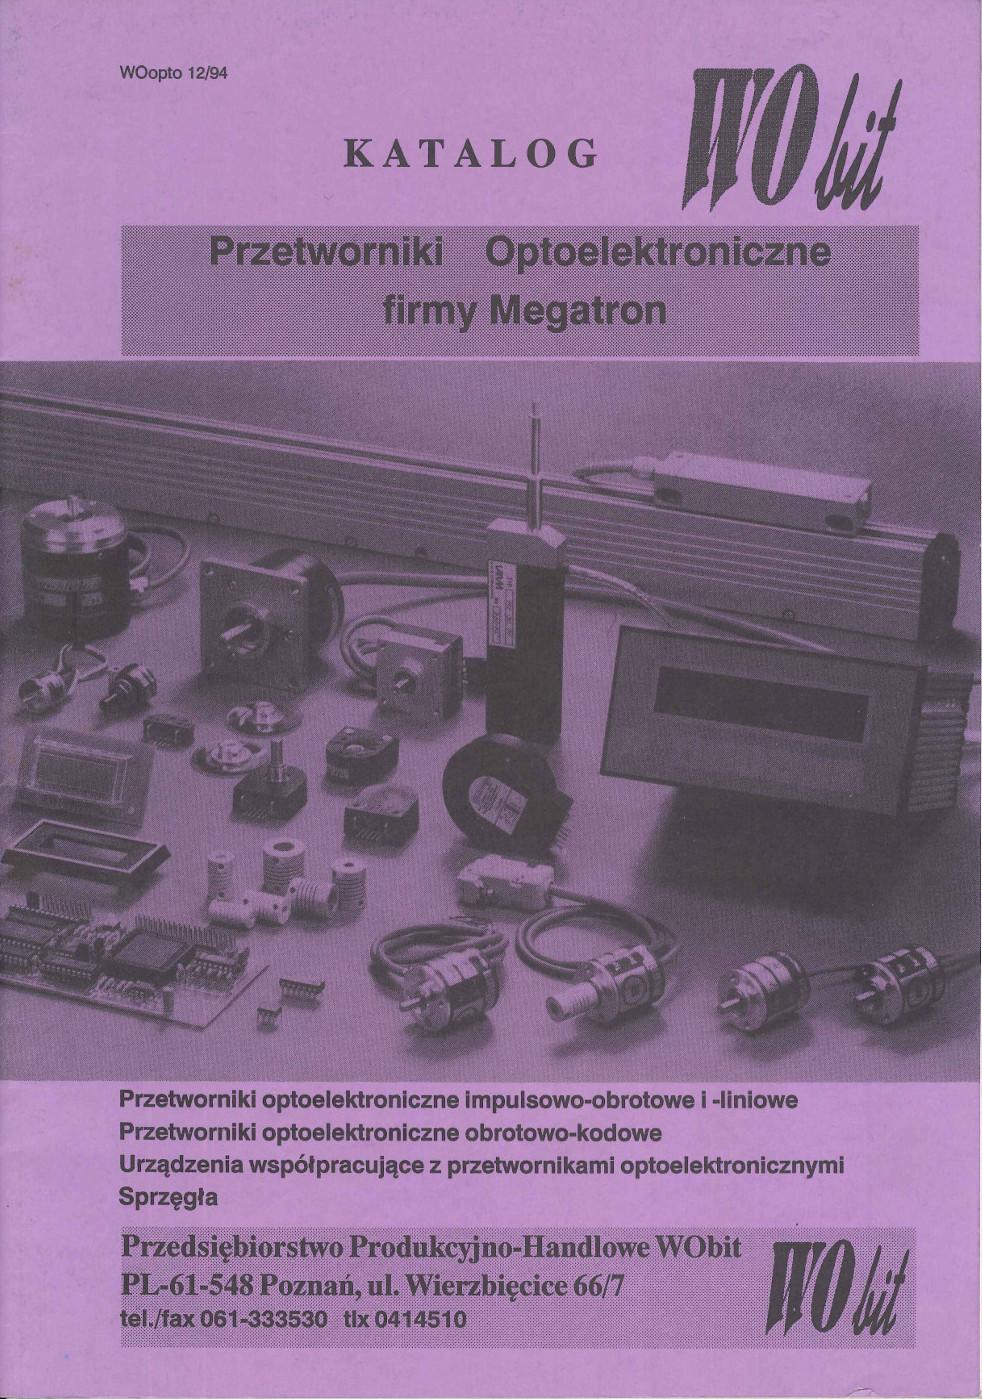 Pierwszy obszerny katalog przetworników optoelektronicznych – jedyna tego typu dokumentacja techniczna na polskim rynku. Poza marketingiem bezpośrednim możliwość kontaktu za pośrednictwem internetu – WObit posiadał stronę www oraz adres e-mail, co już wtedy otwierało małą firmę na cały kraj, a nawet świat